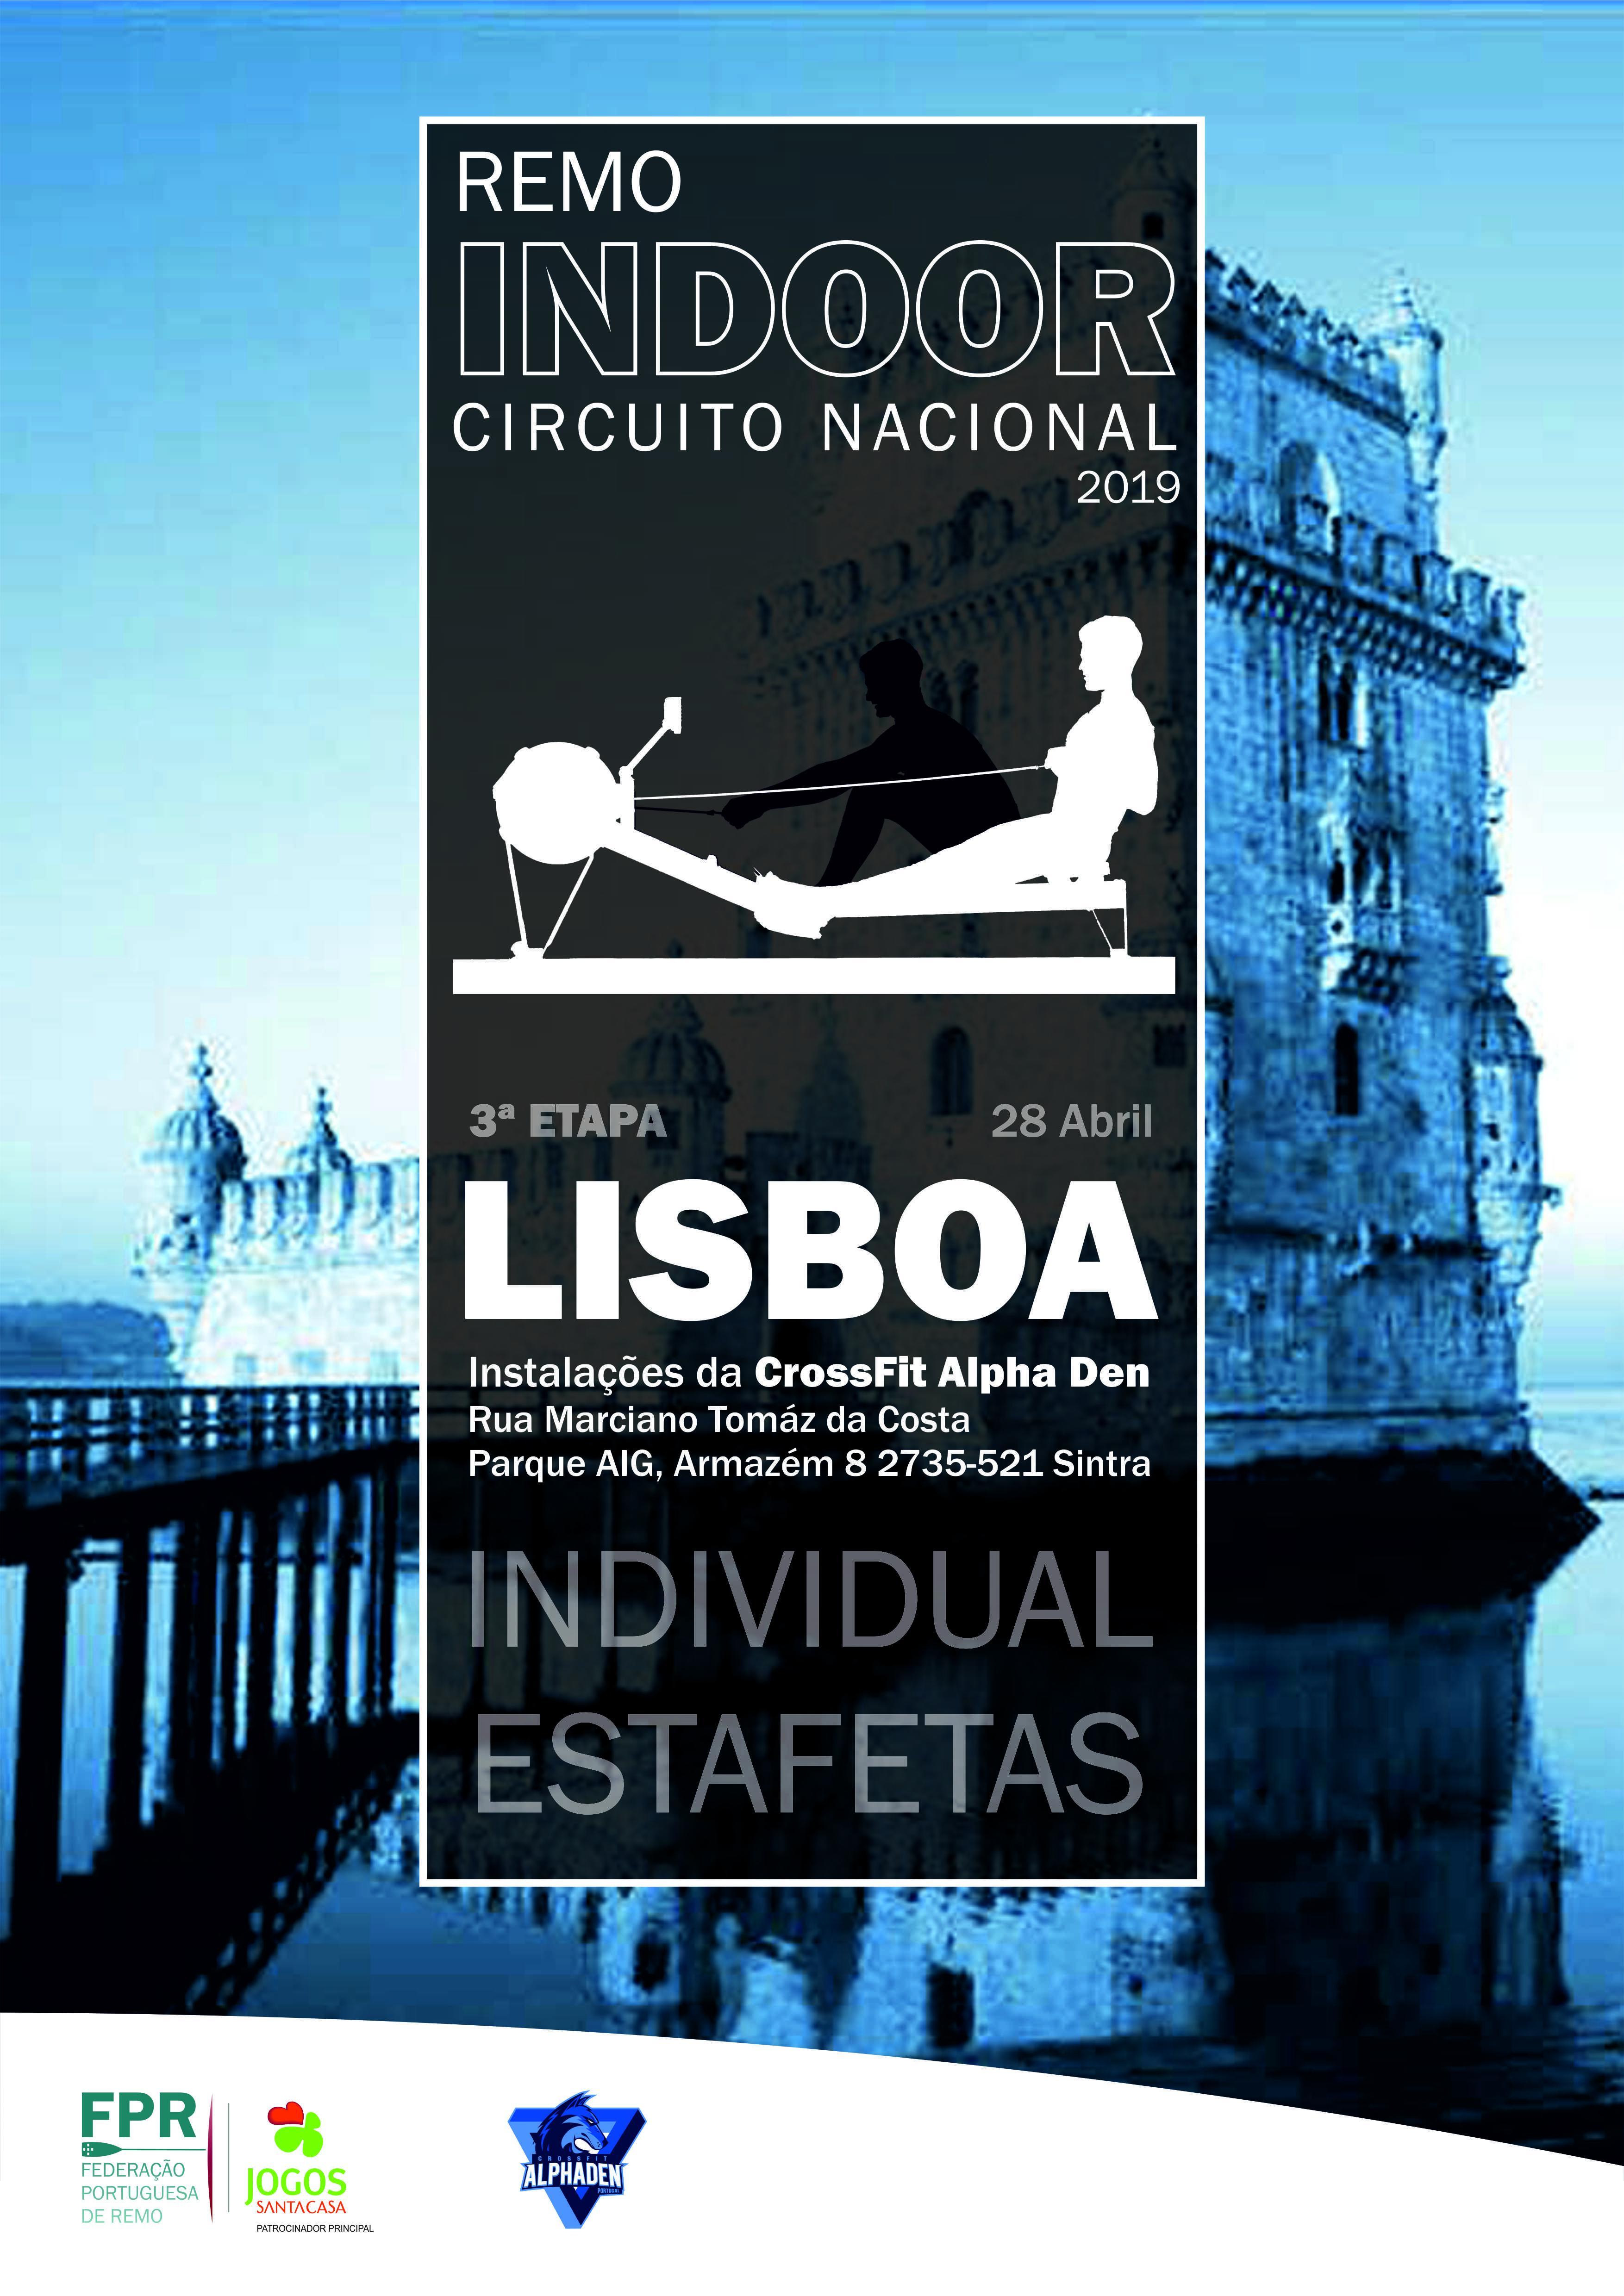 3ª Etapa do Circuito Nacional de Remo Indoor - Cacém, Lisboa